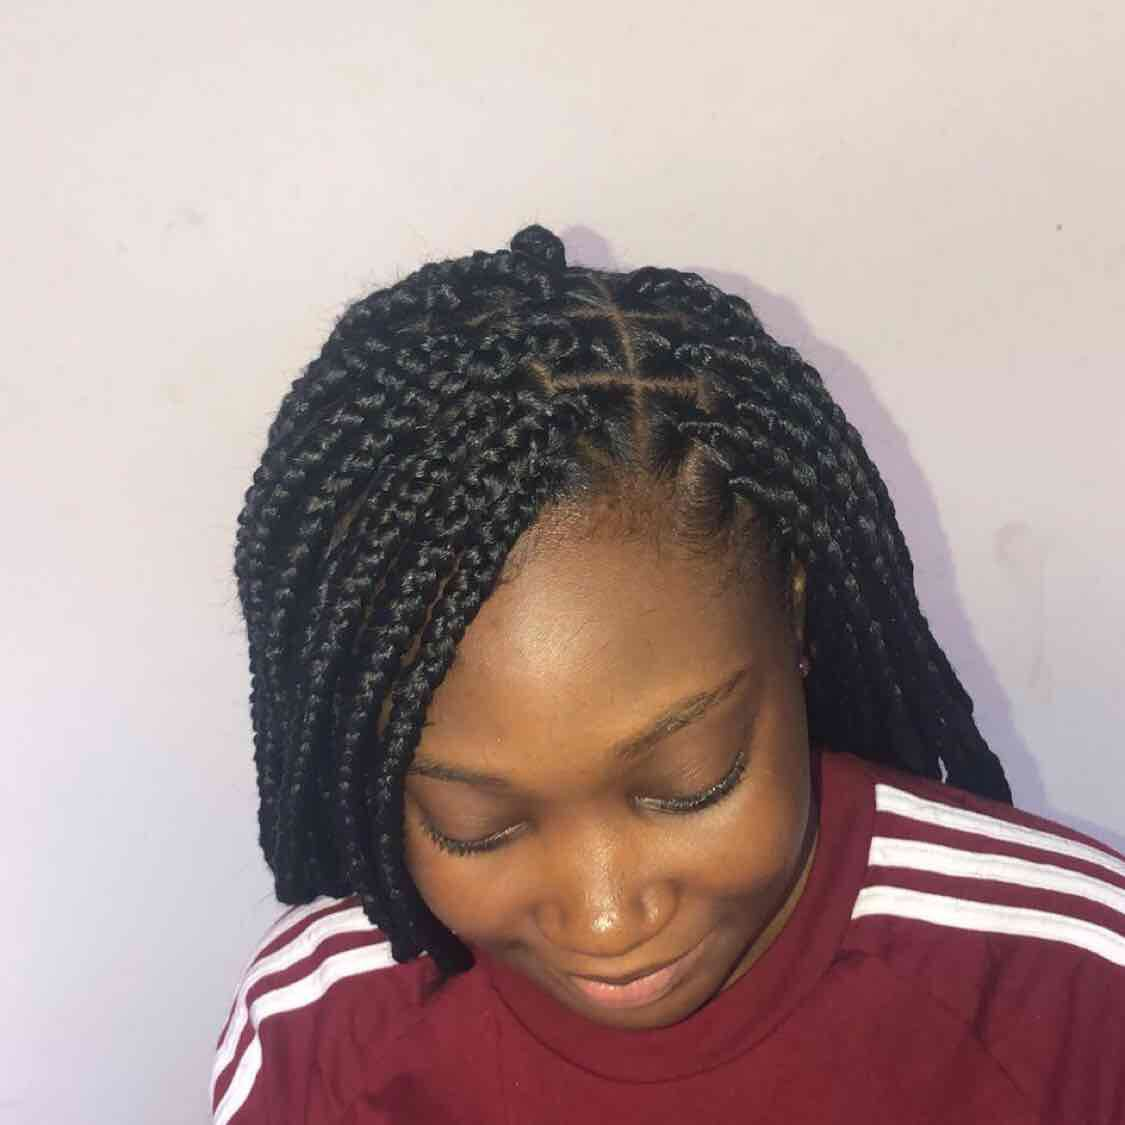 salon de coiffure afro tresse tresses box braids crochet braids vanilles tissages paris 75 77 78 91 92 93 94 95 JDGUGGMG